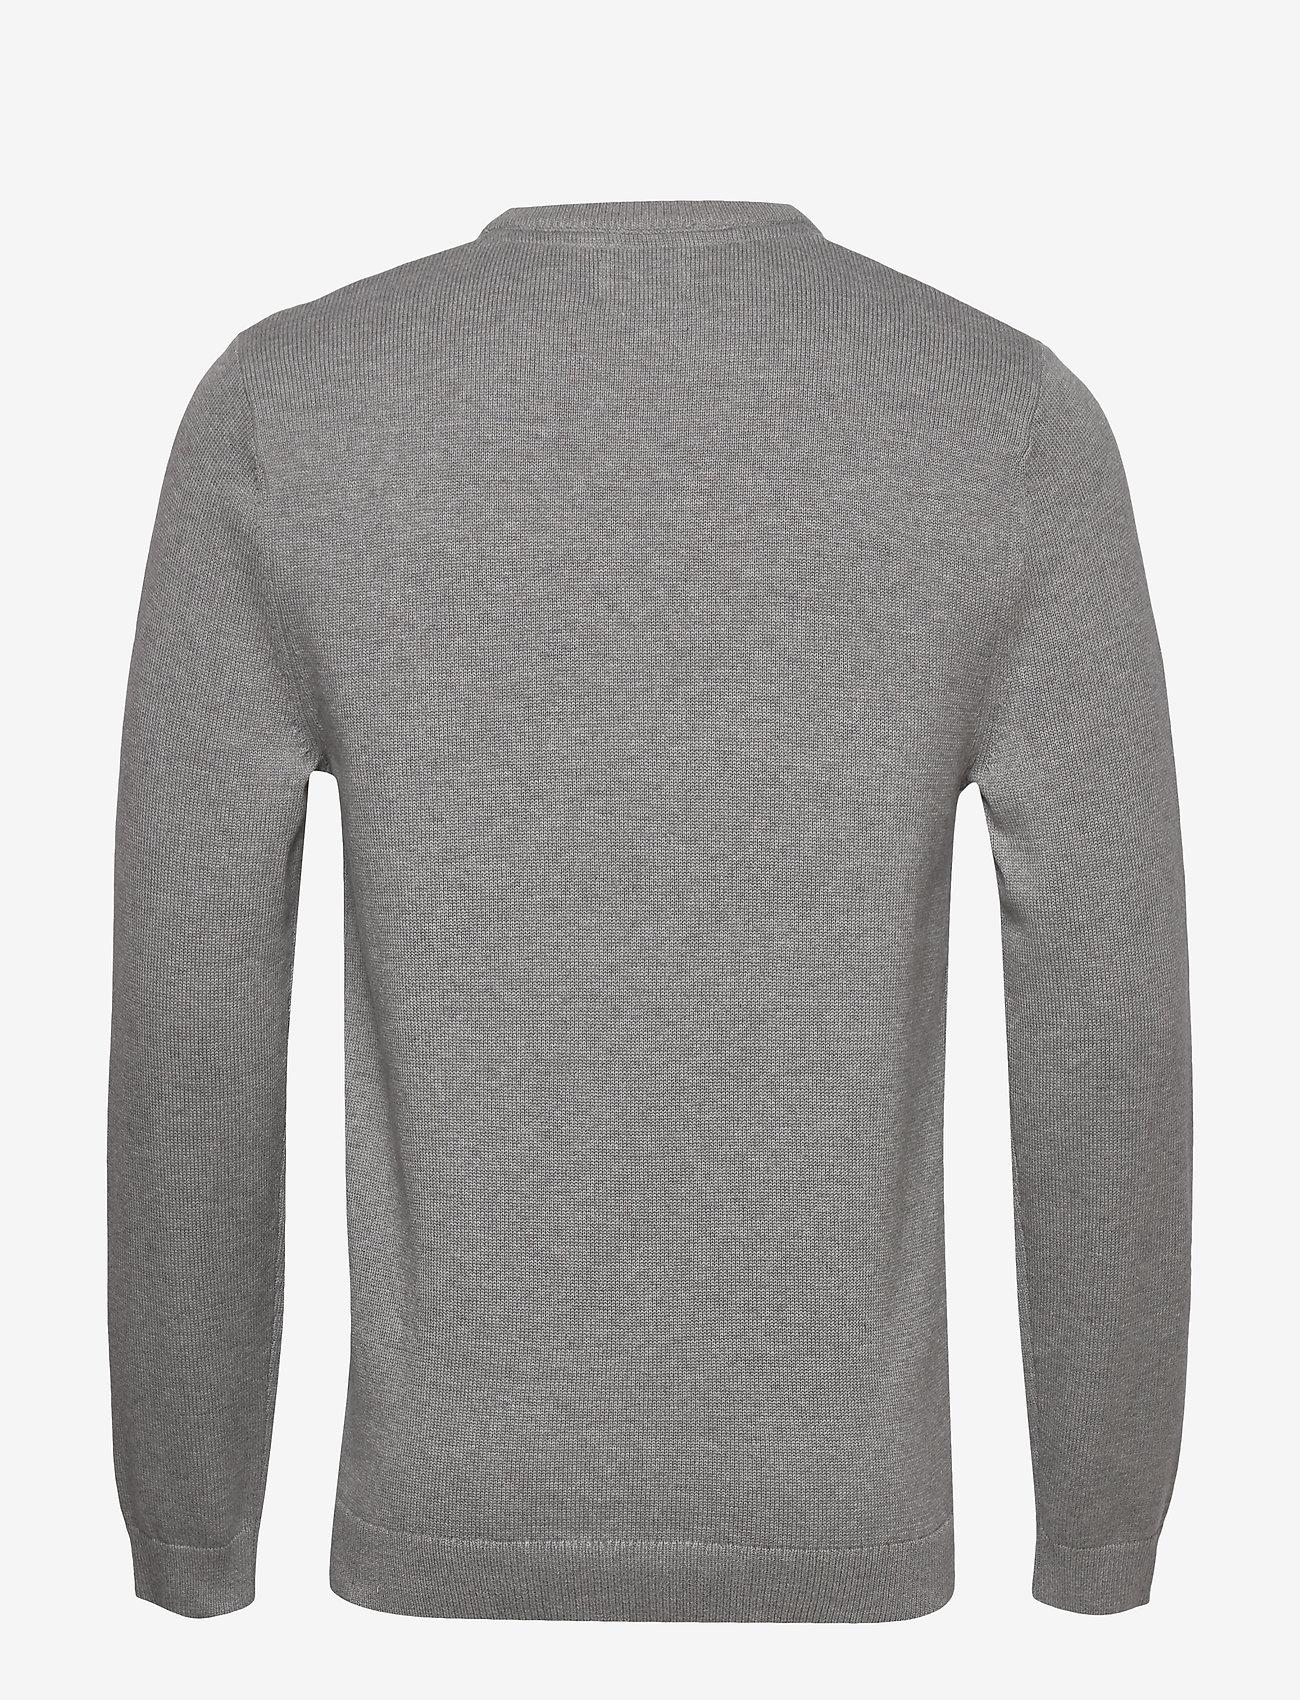 Lexington Clothing Luis Sweater - Strikkevarer GRAY MELANGE - Menn Klær